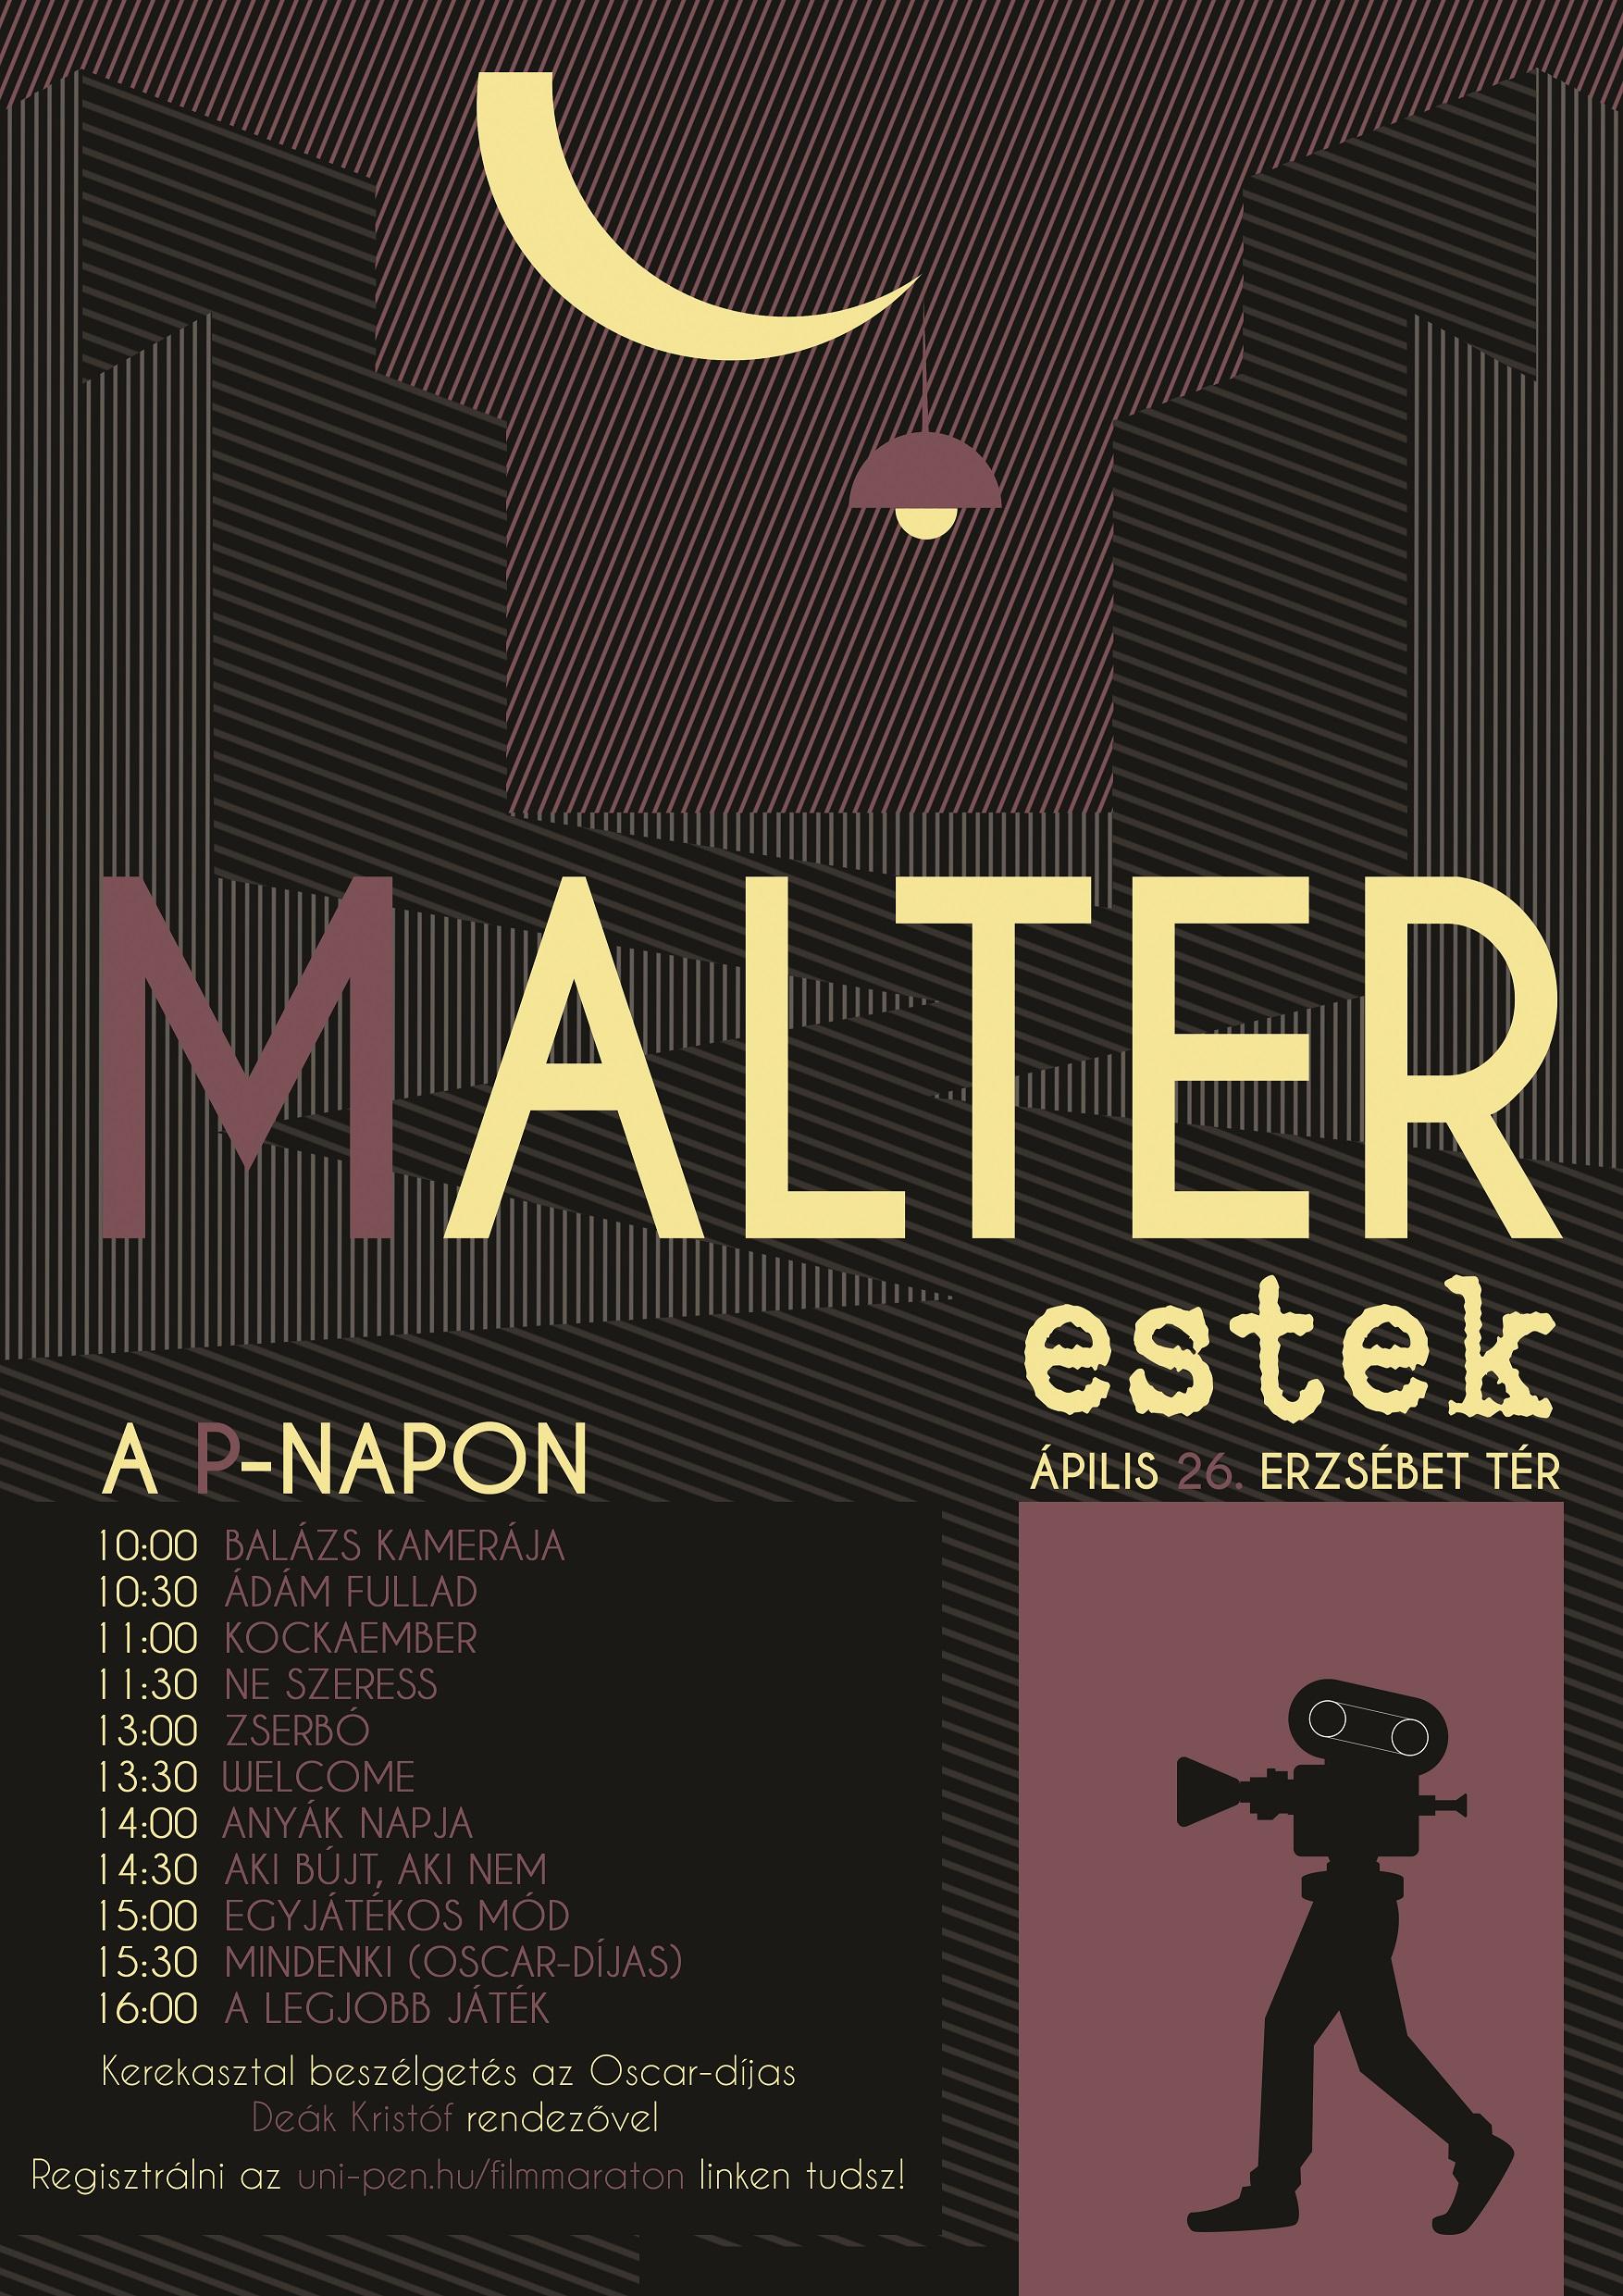 malter_estek_plakat_pnap_v2.jpg